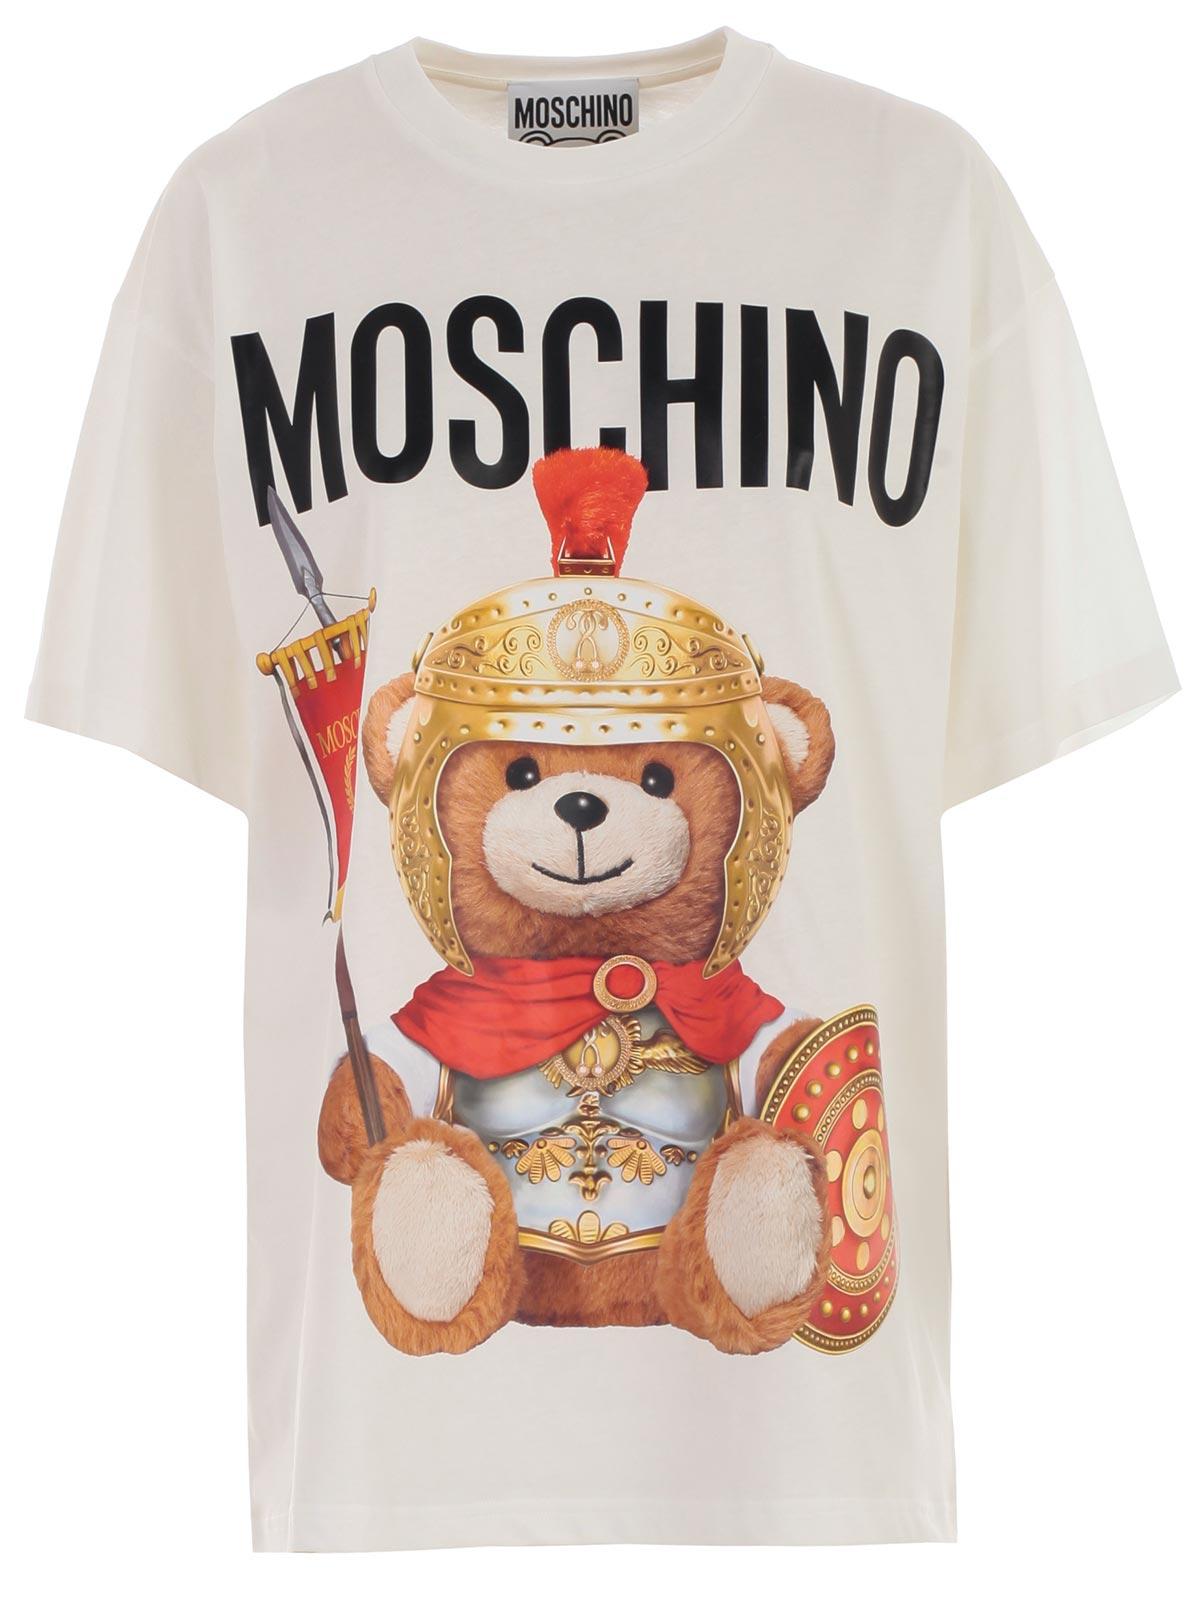 prezzi economici nuovo arrivo acquista per il più recente Moschino T- Shirt V0703.5540 - 1002 FANTASY PRINT WHITE ...